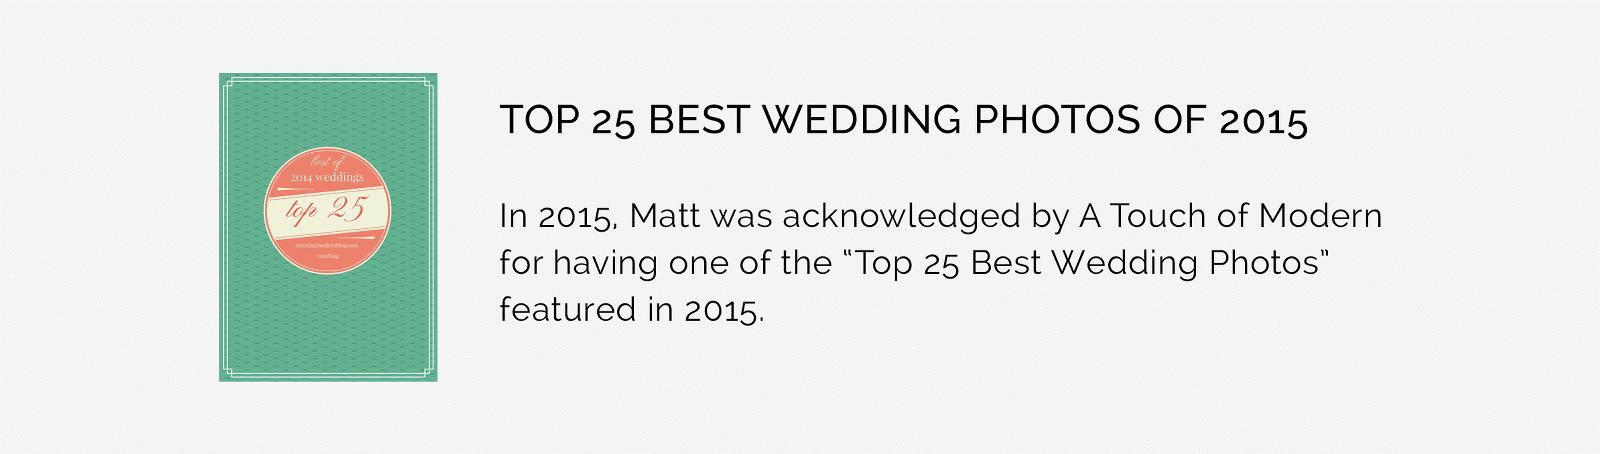 Award winning Wedding Photographers Matthew Druin + Co A Touch of Modern Award Winner